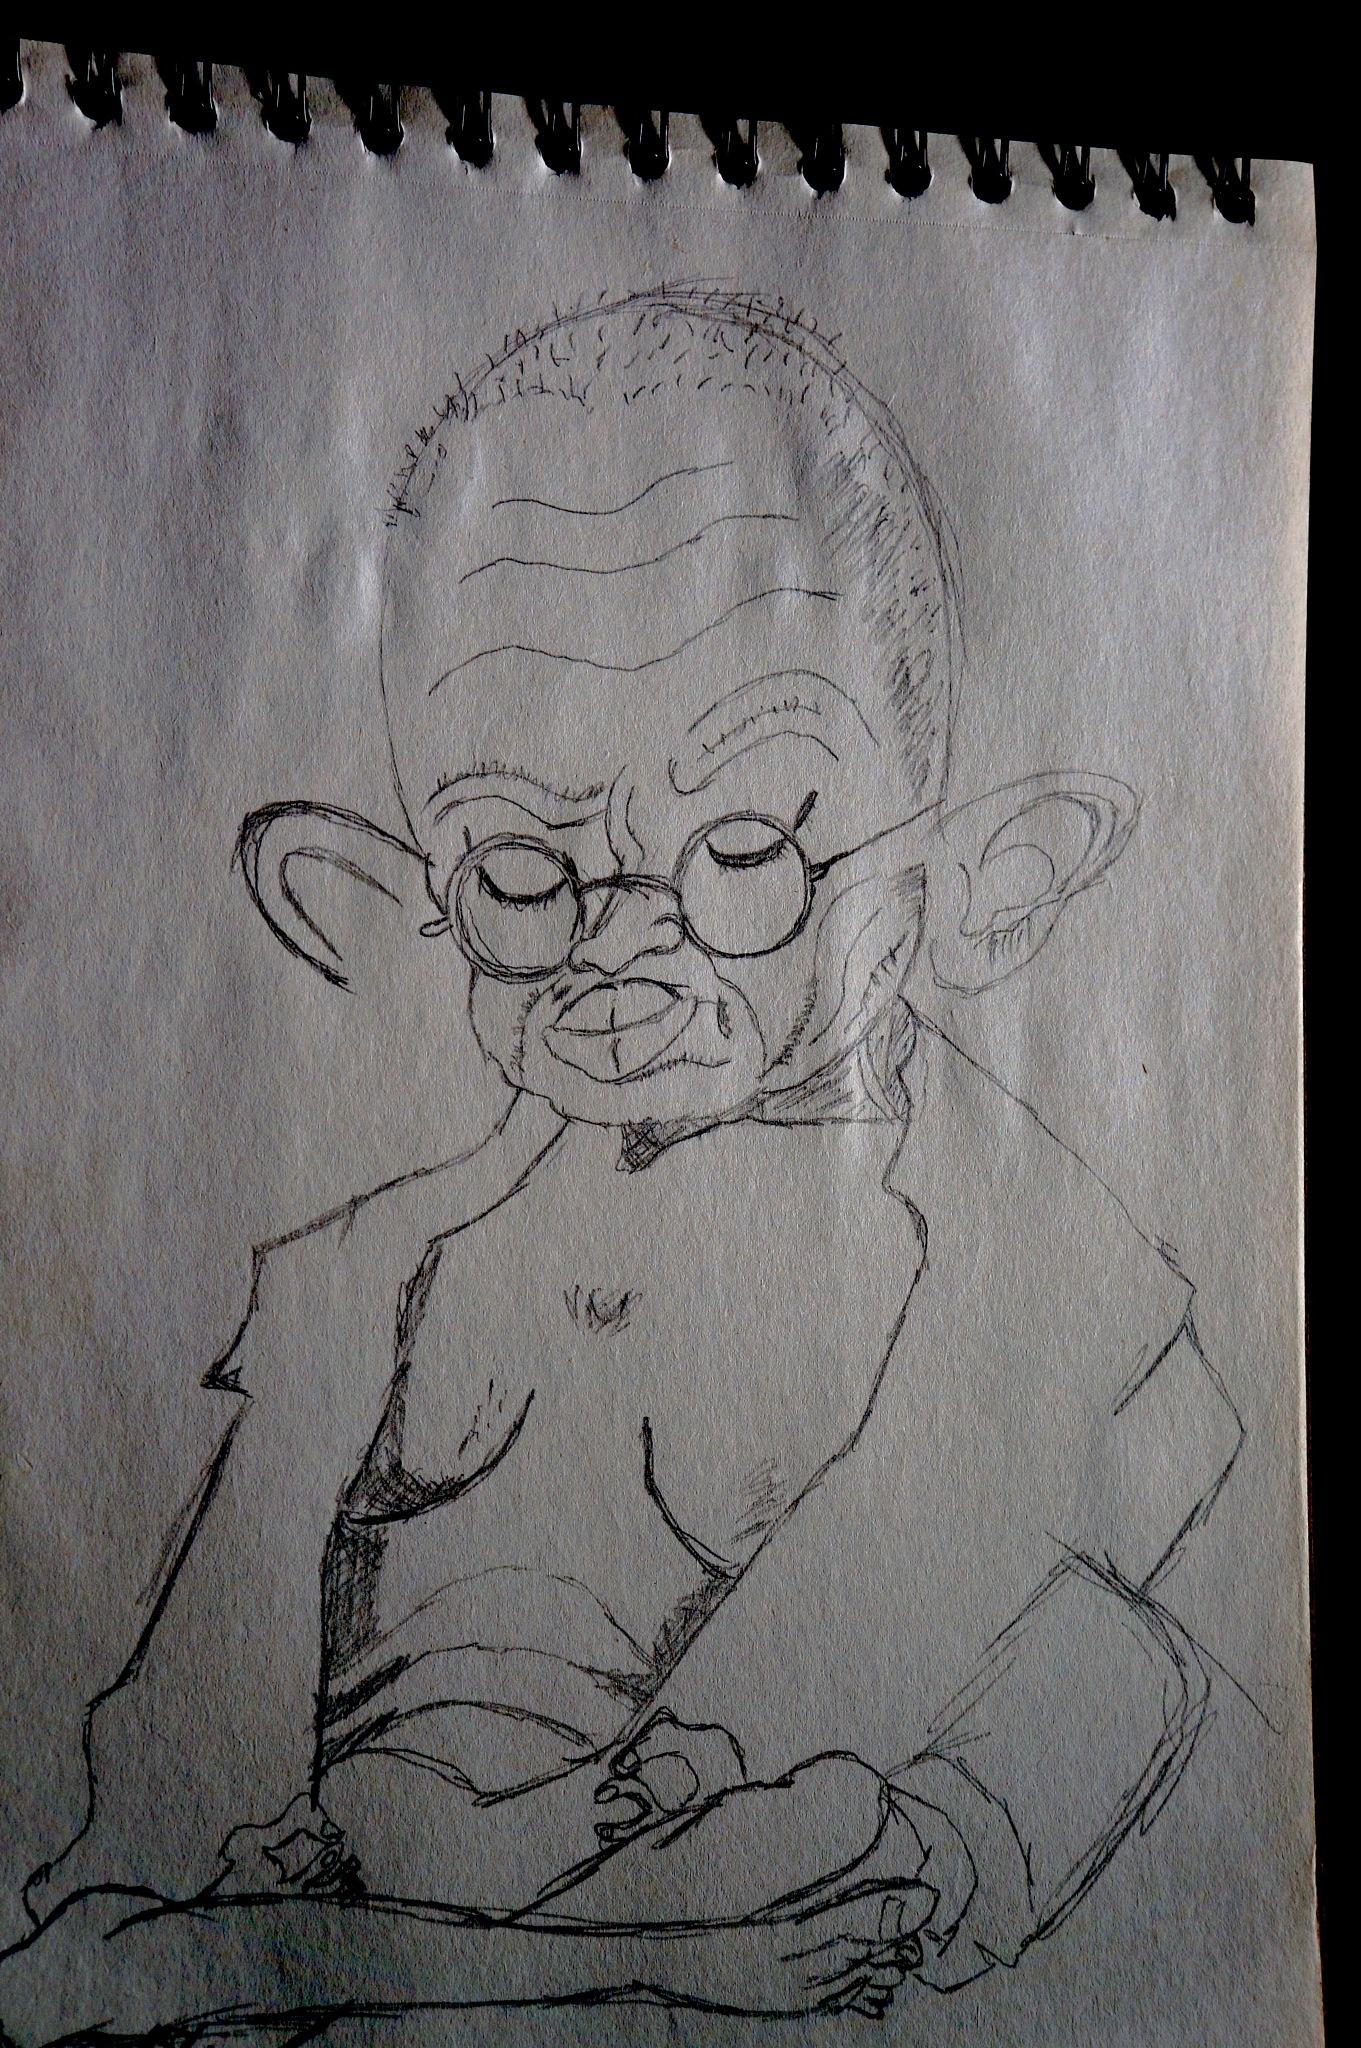 Gandhi (sketch) by Kmilo